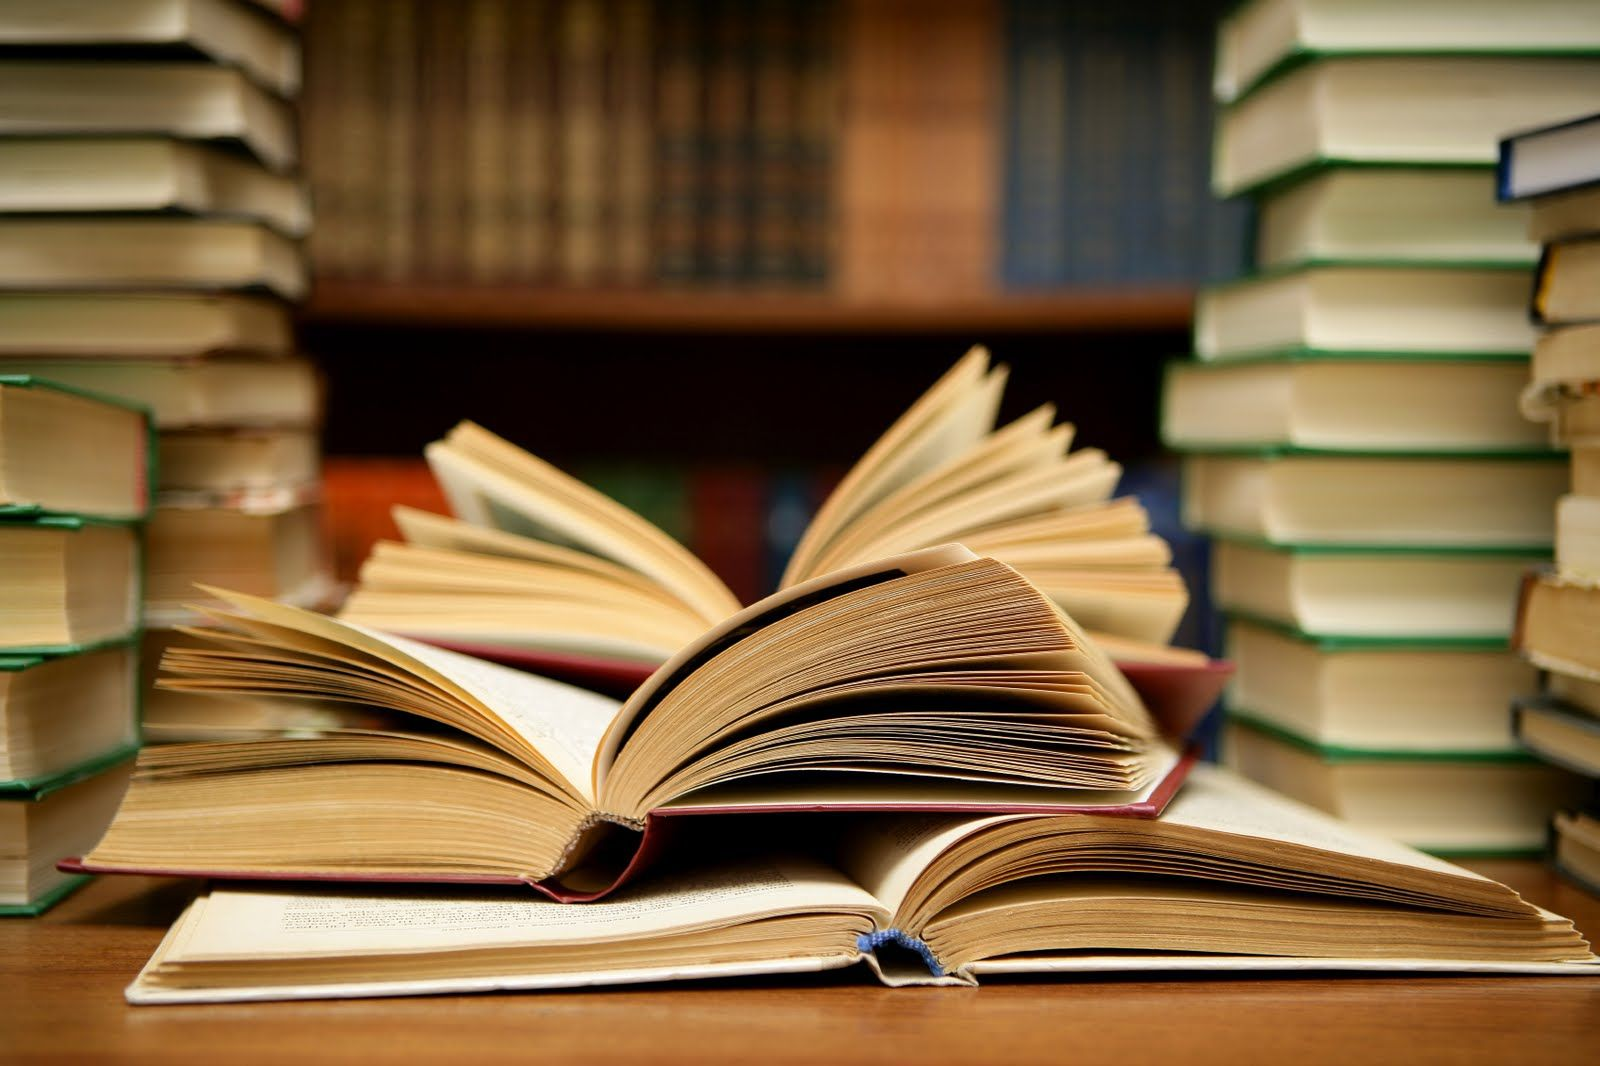 В Ставрополе книгу с пометкой «18+» продали несовершеннолетней